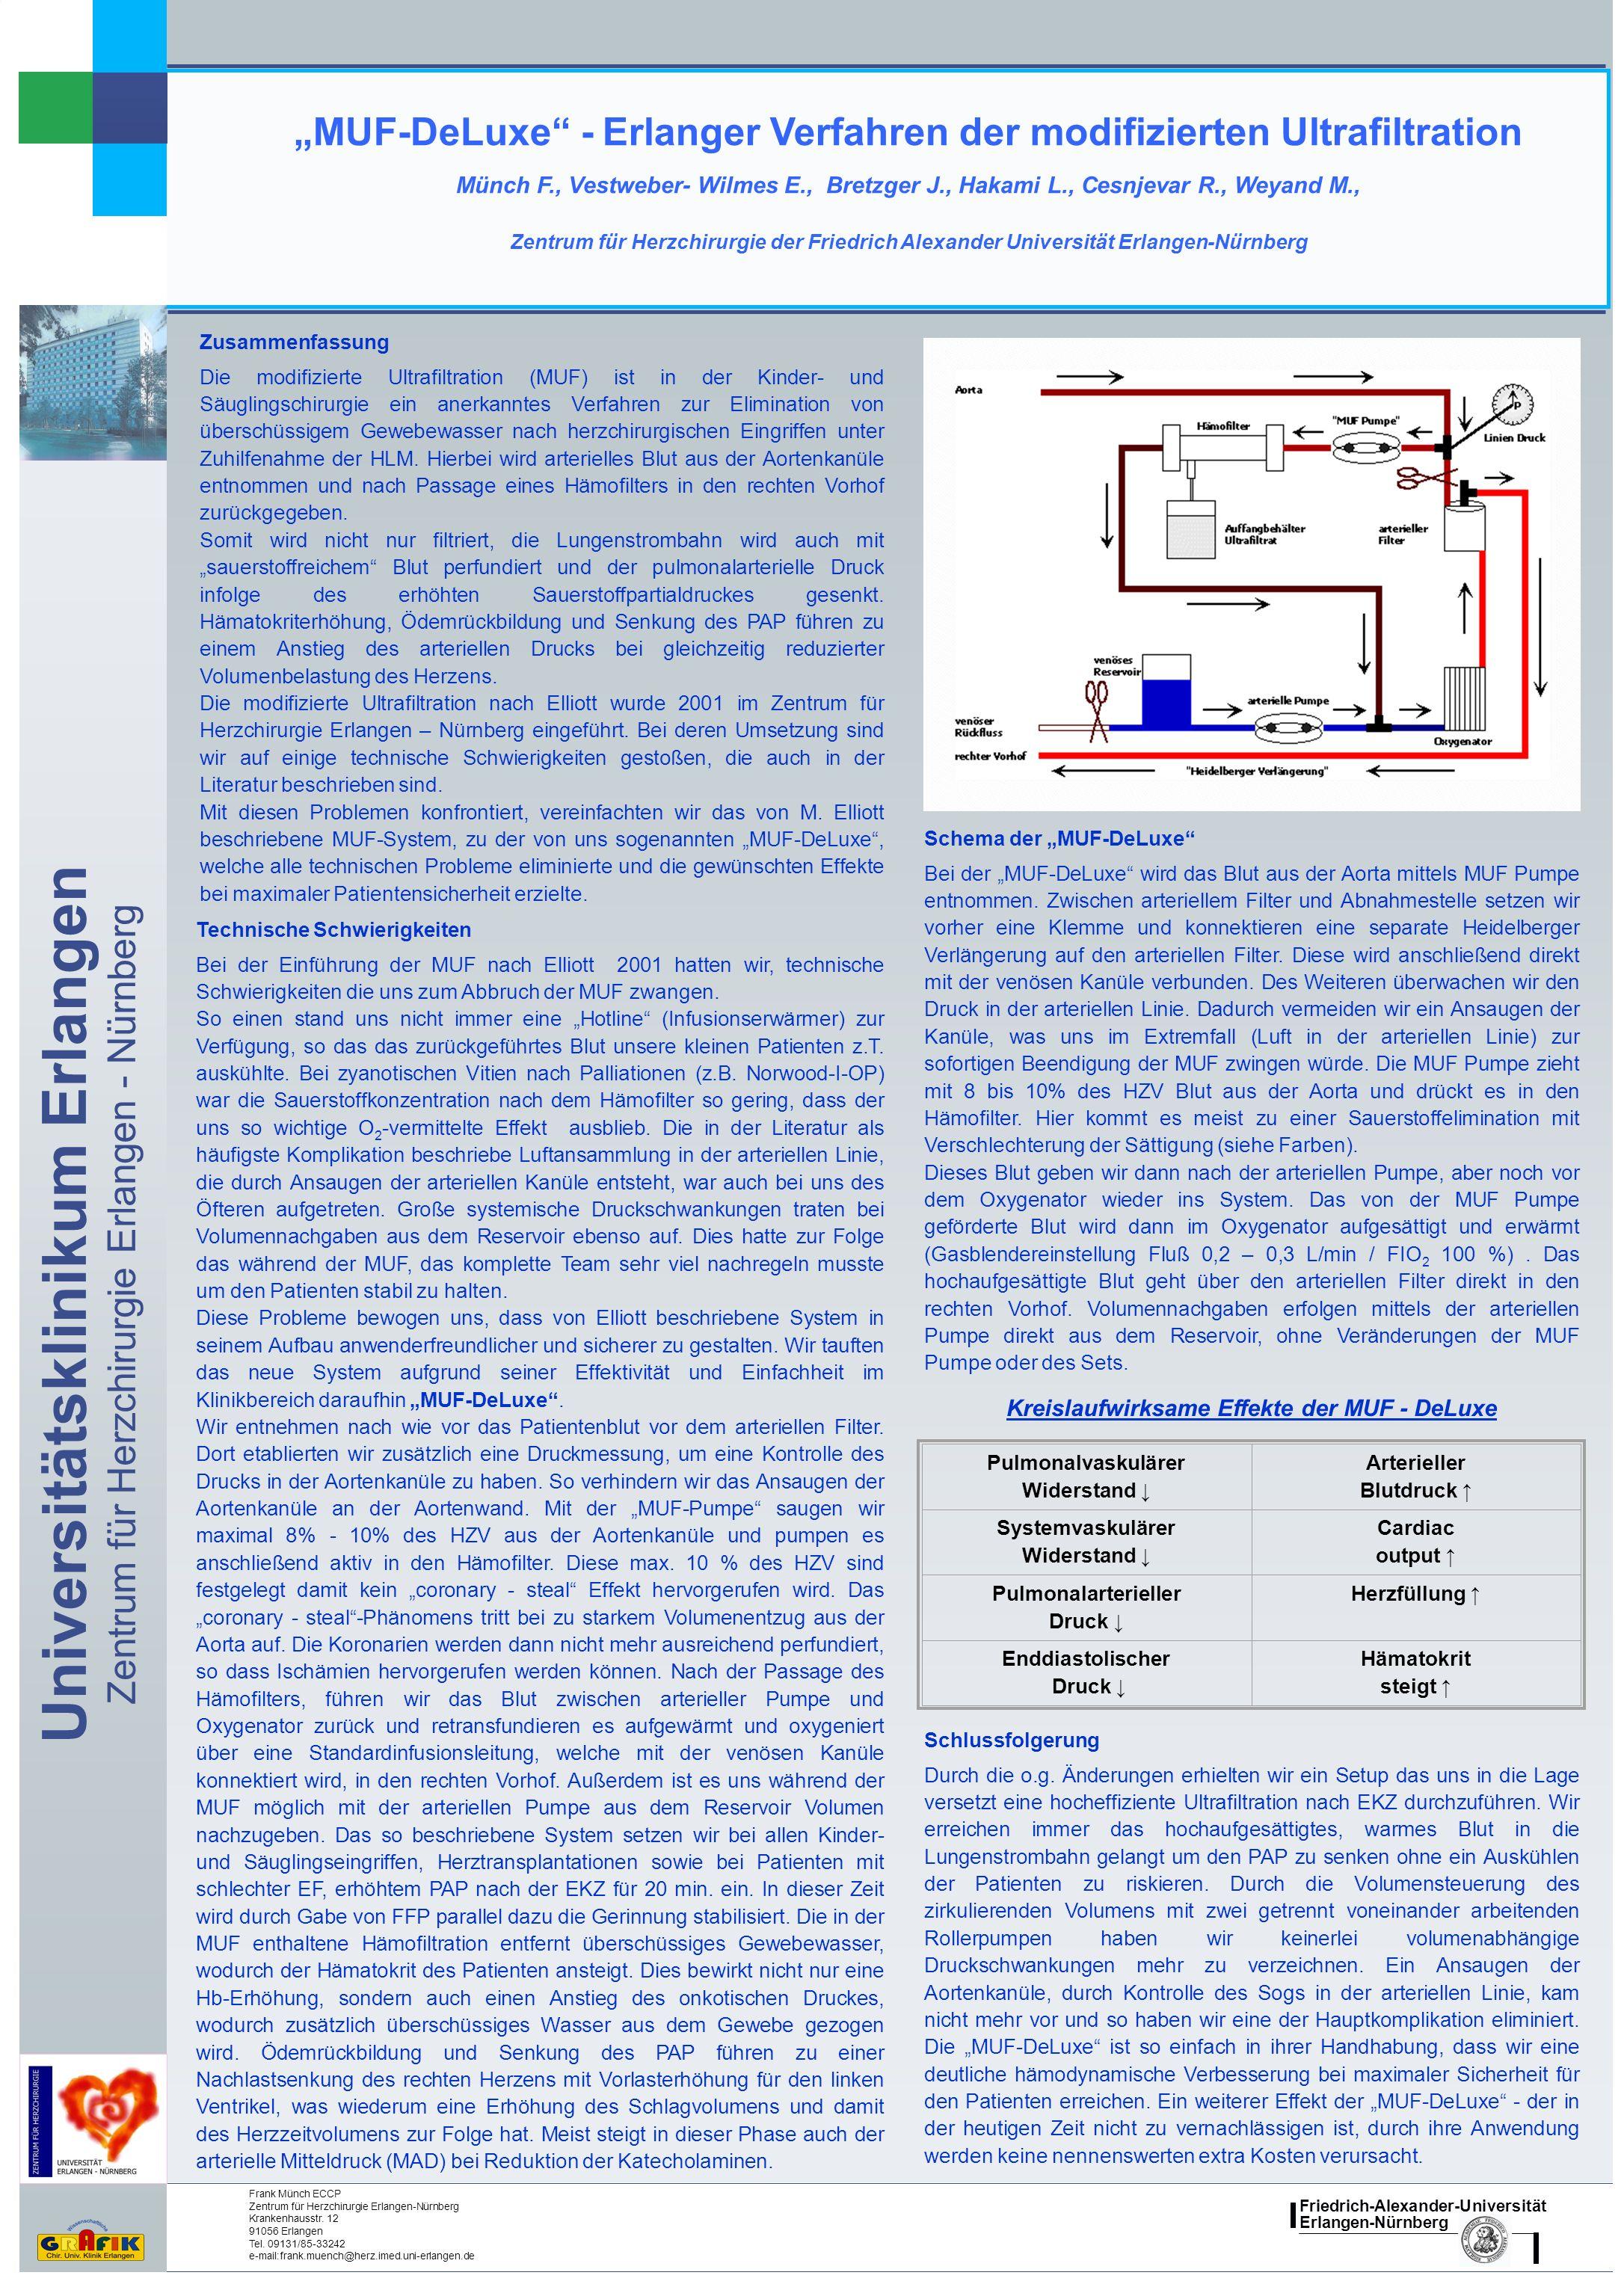 Friedrich-Alexander-Universität Erlangen-Nürnberg Universitätsklinikum Erlangen Zentrum für Herzchirurgie Erlangen - Nürnberg MUF-DeLuxe - Erlanger Ve